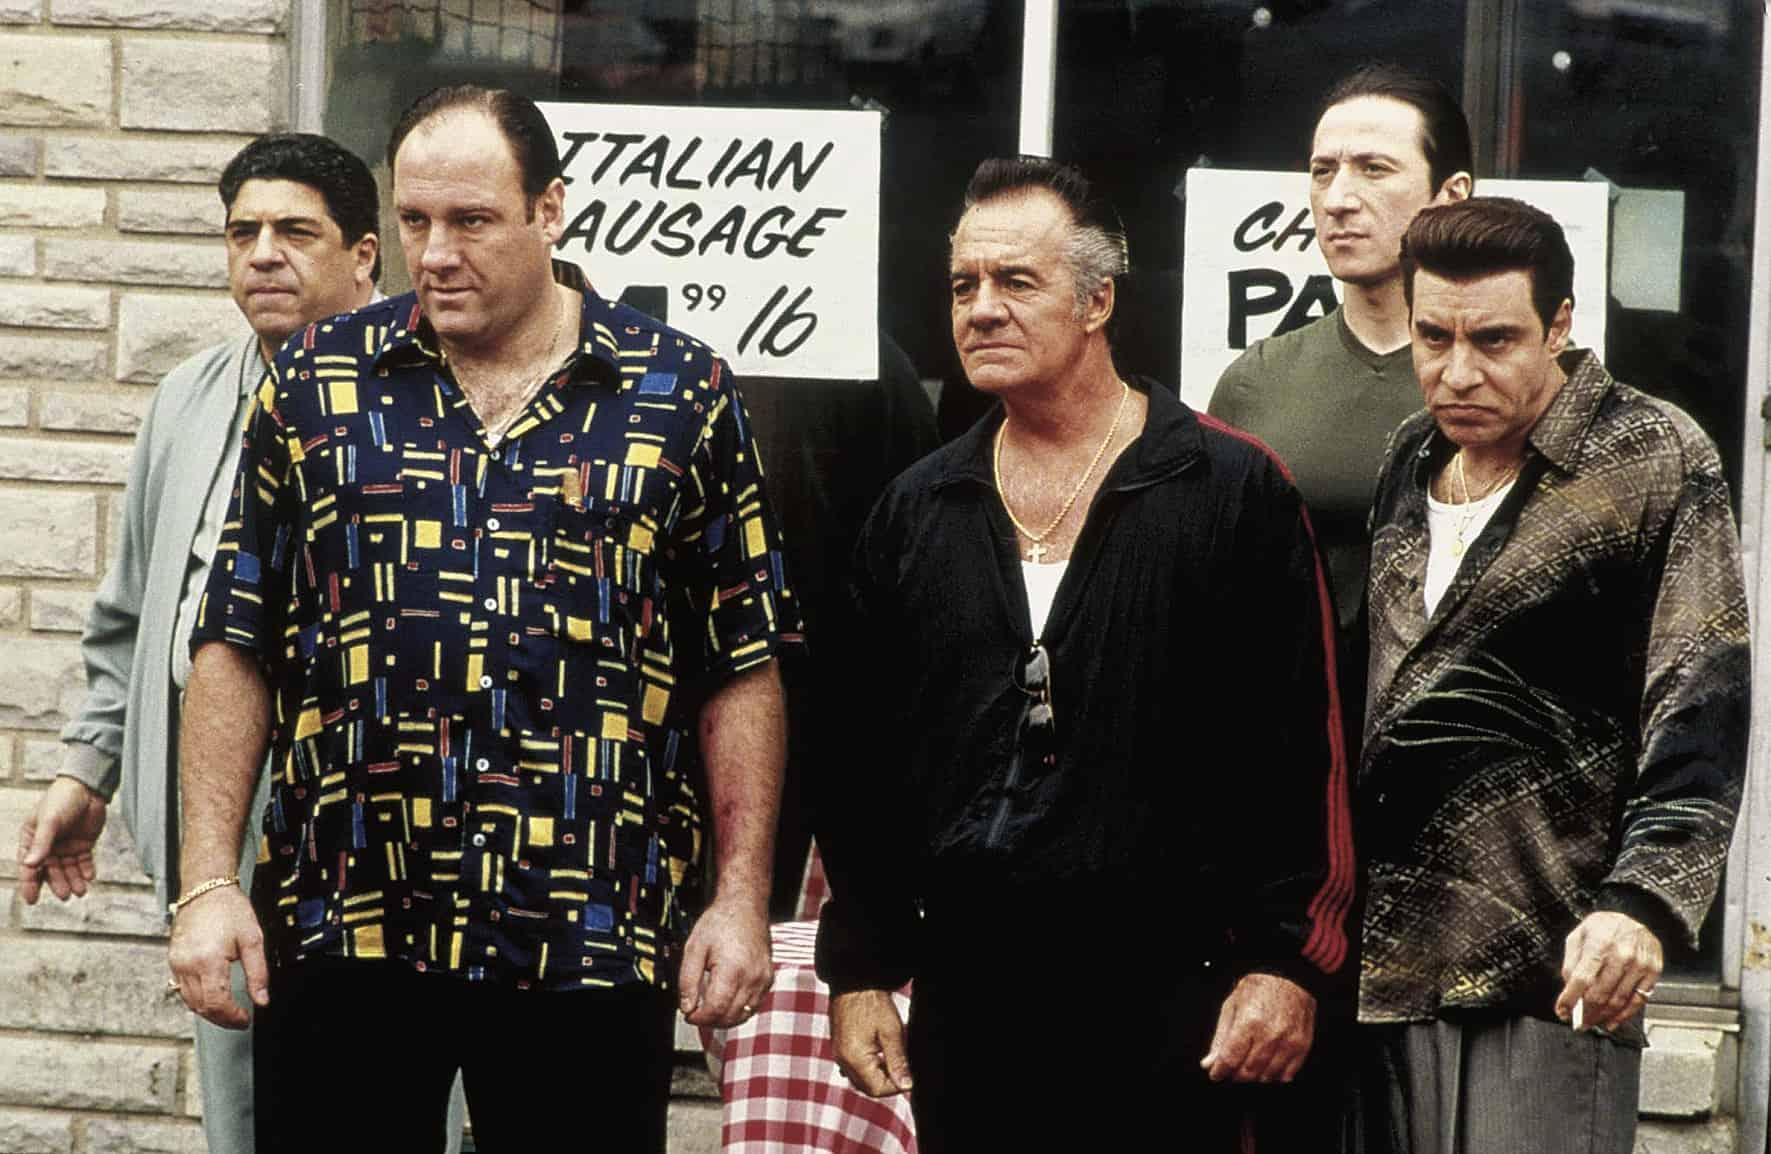 7 tipp vállalkozóknak / karrieristáknak a Maffiozók (Sopranos) sorozatból, amit érdemes alkalmazniuk